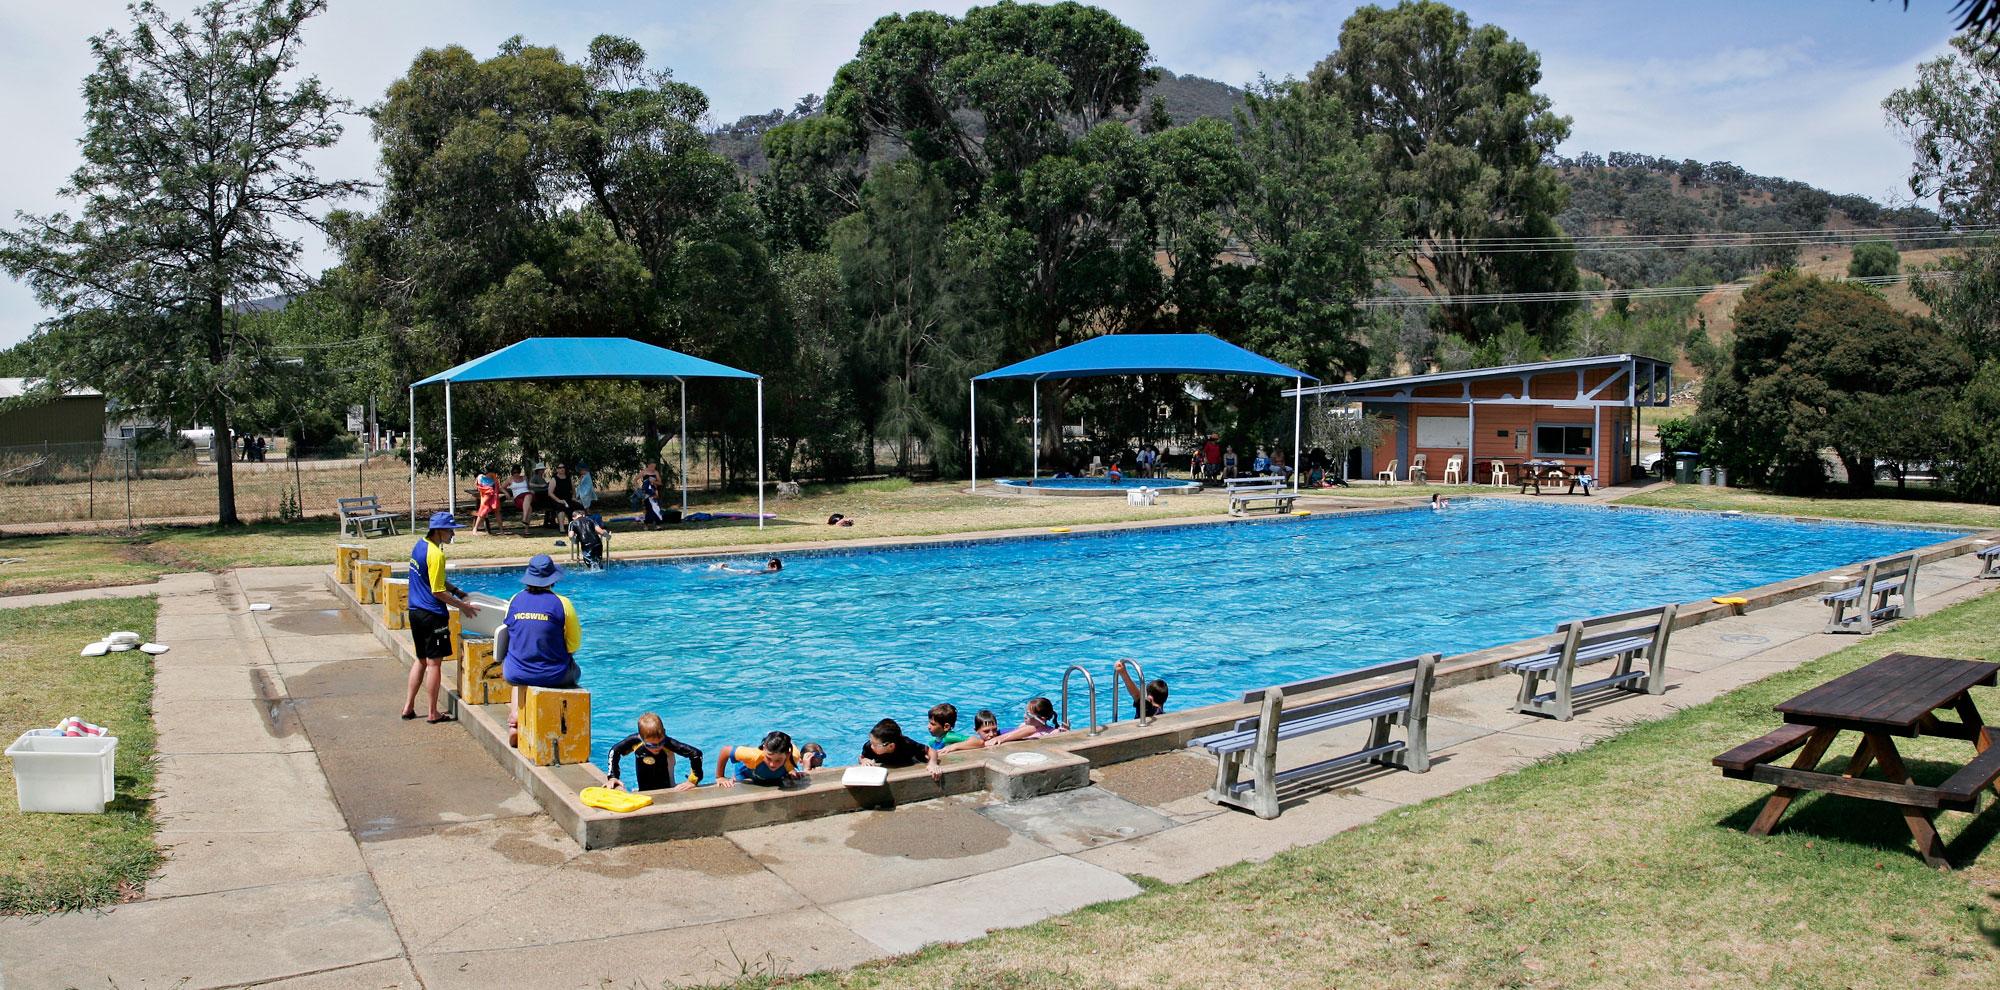 Piscine All Aperto Piemonte piscina - wikipedia